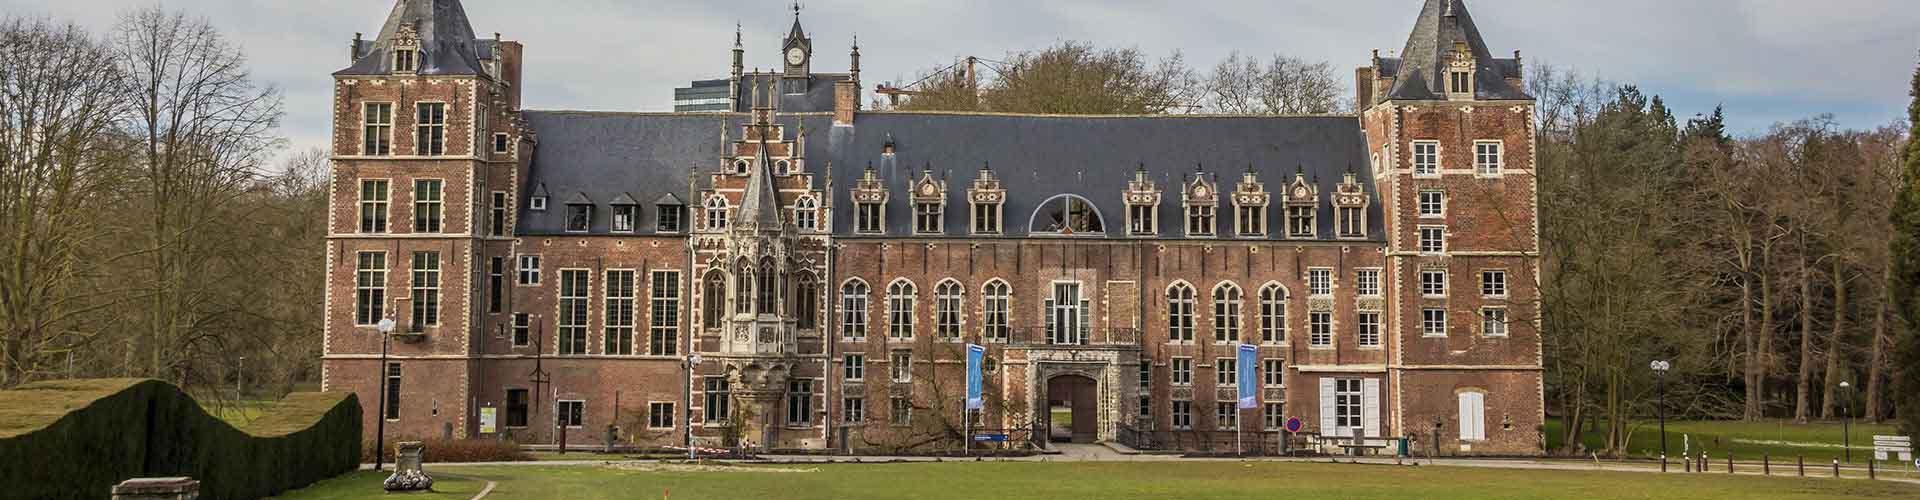 Leuven - Jugendherbergen in Leuven. Leuven auf der Karte. Fotos und Bewertungen für jede Jugendherberge in Leuven.